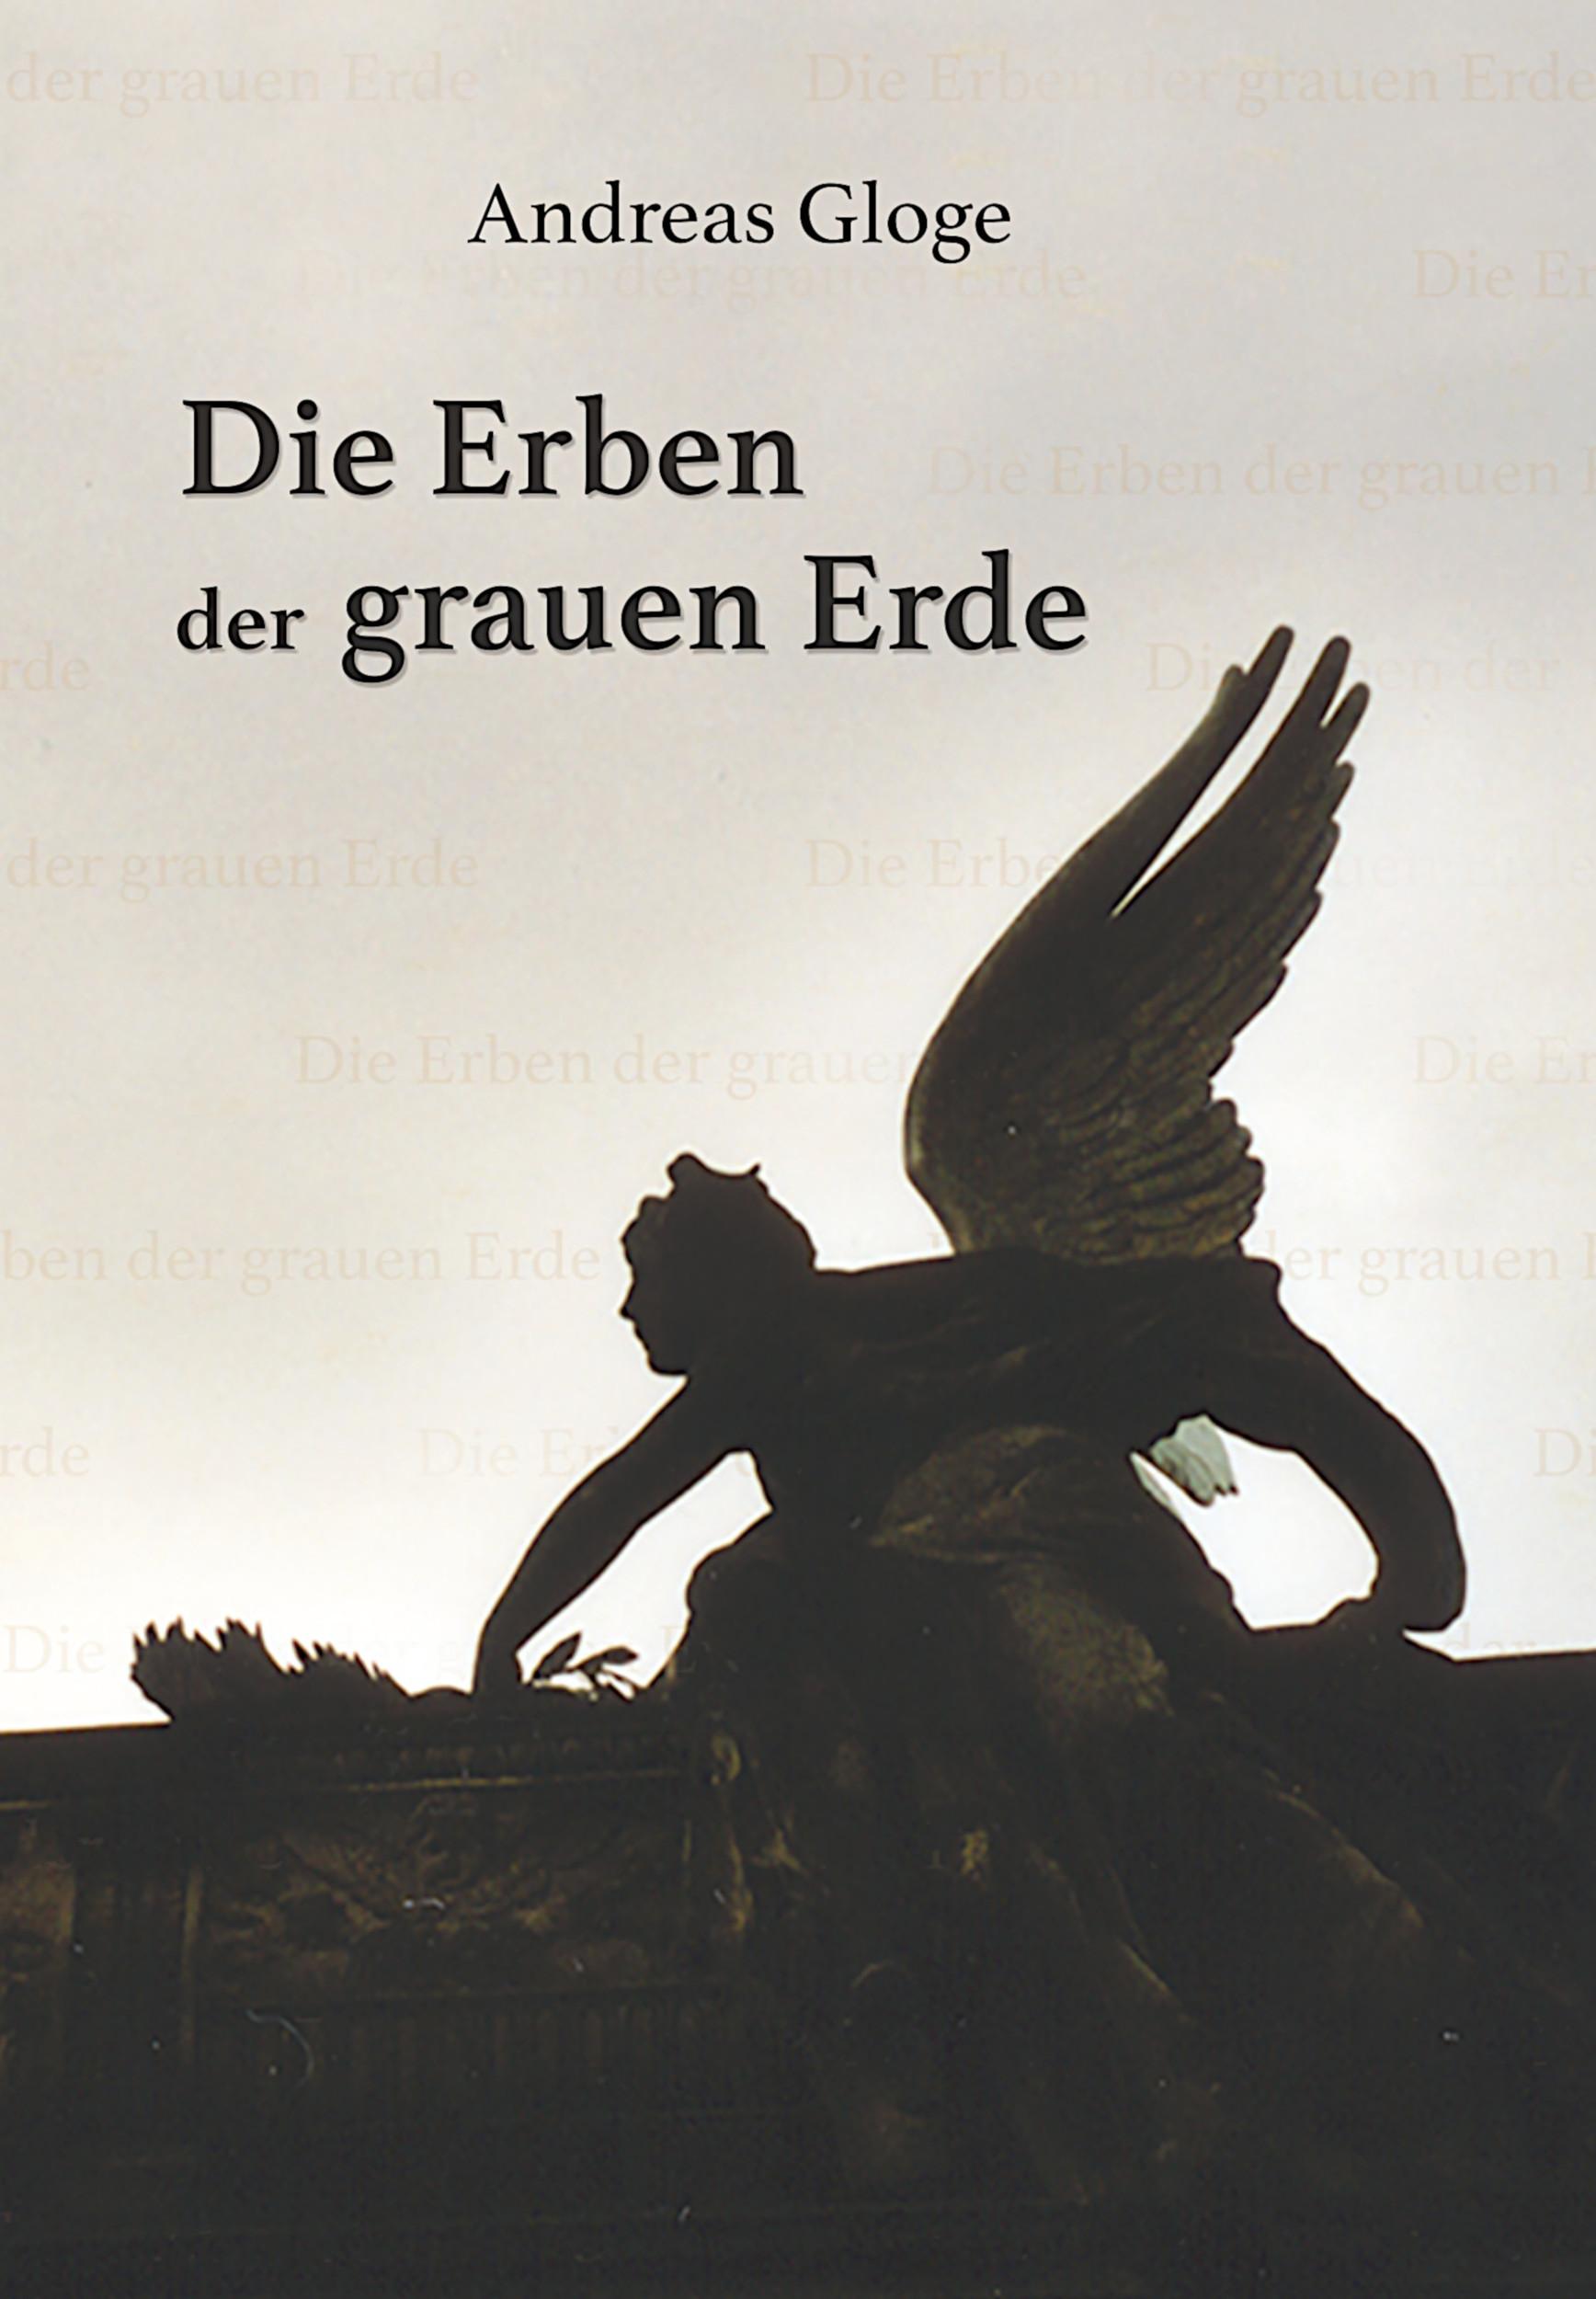 gloge_andreas_die_erben_der_grauen_erde_phantastik-autoren-netzwerk.jpg